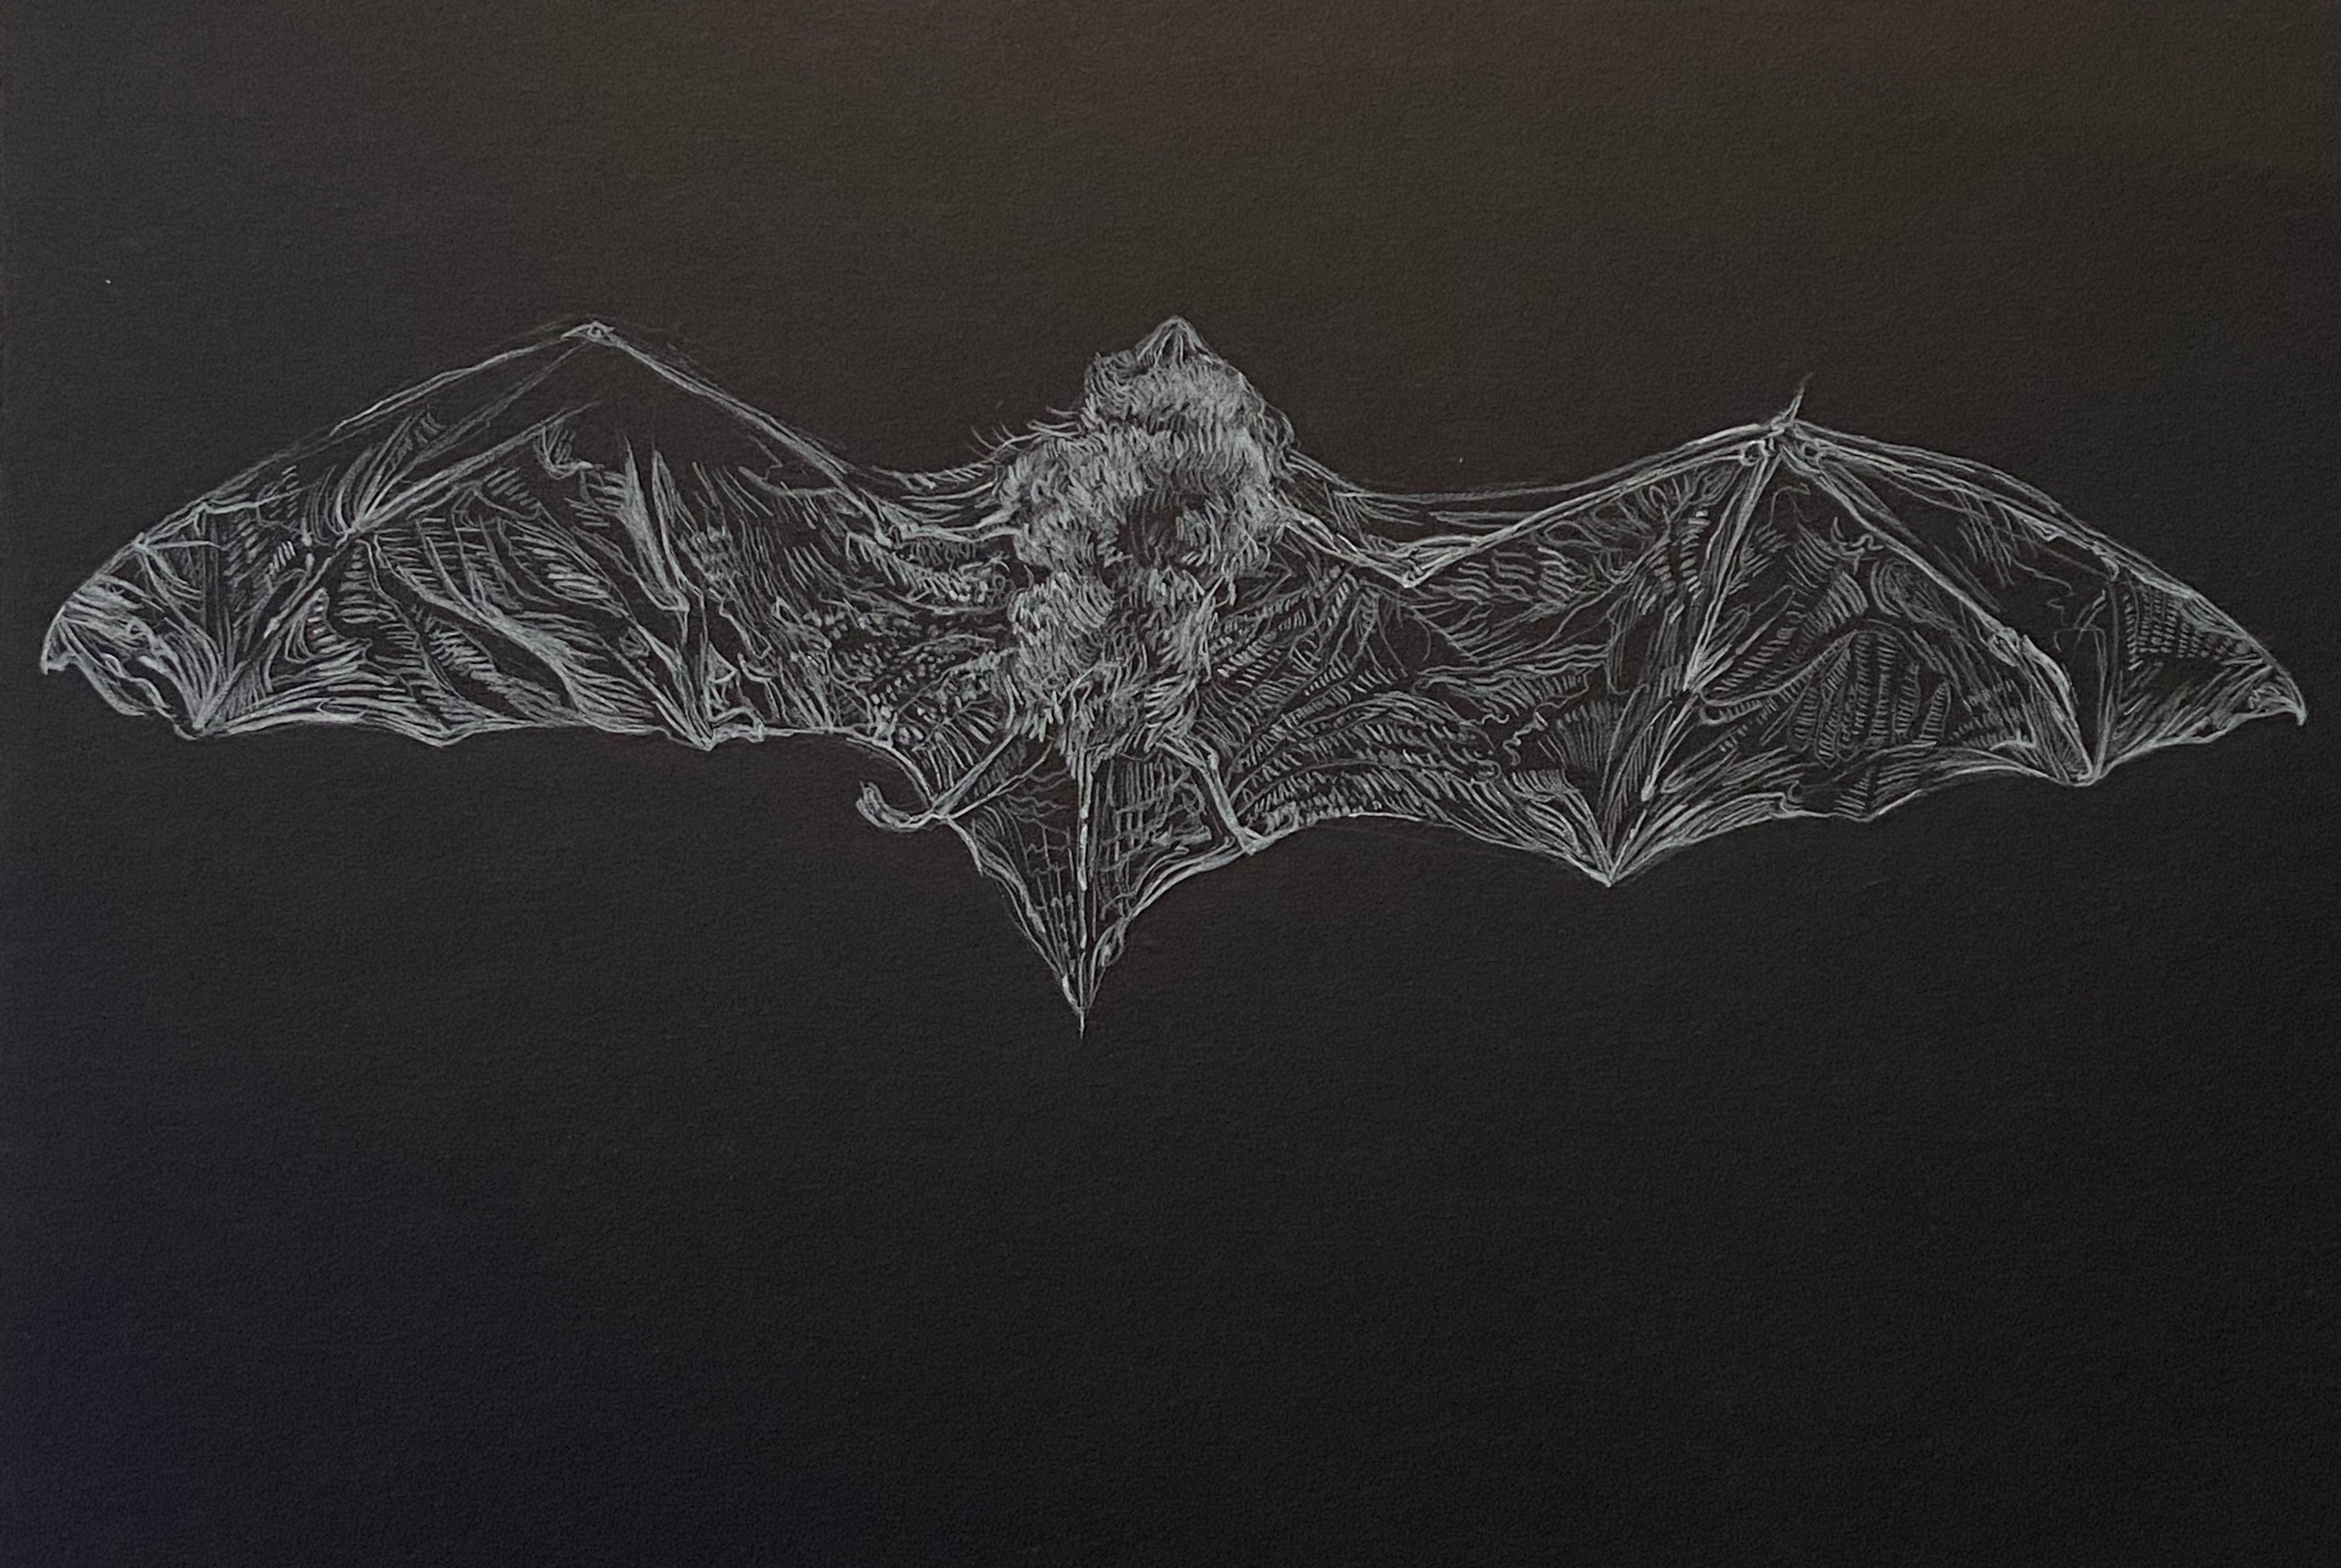 Bat Study, Inverness Museum, Conté Crayon on Paper